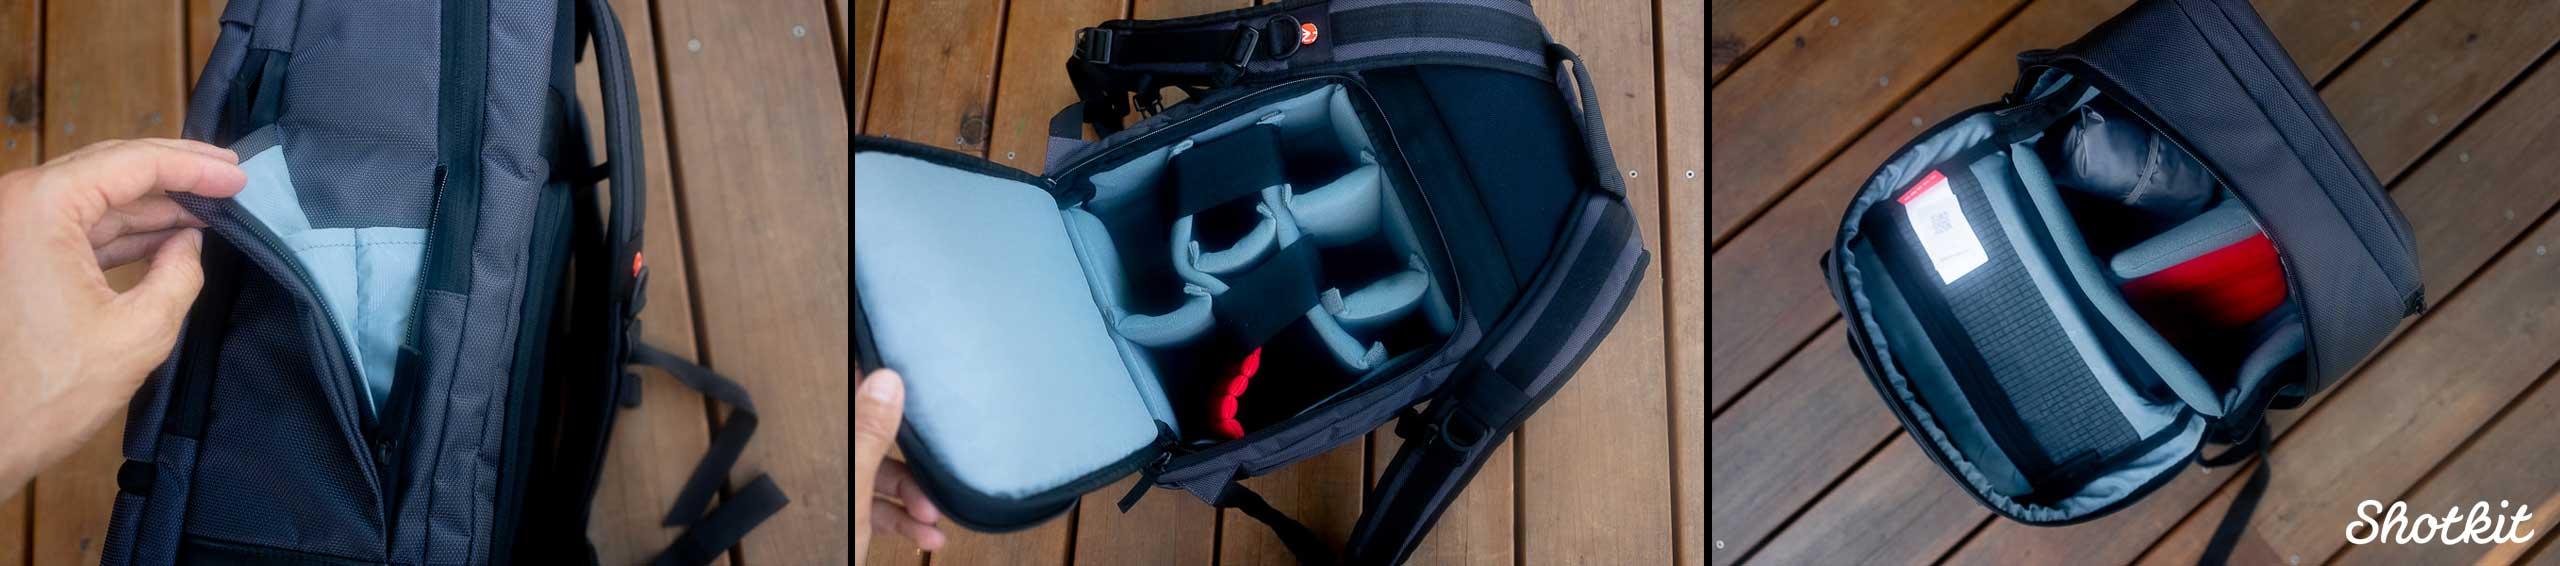 Manfrotto Manhattan Mover camera bag